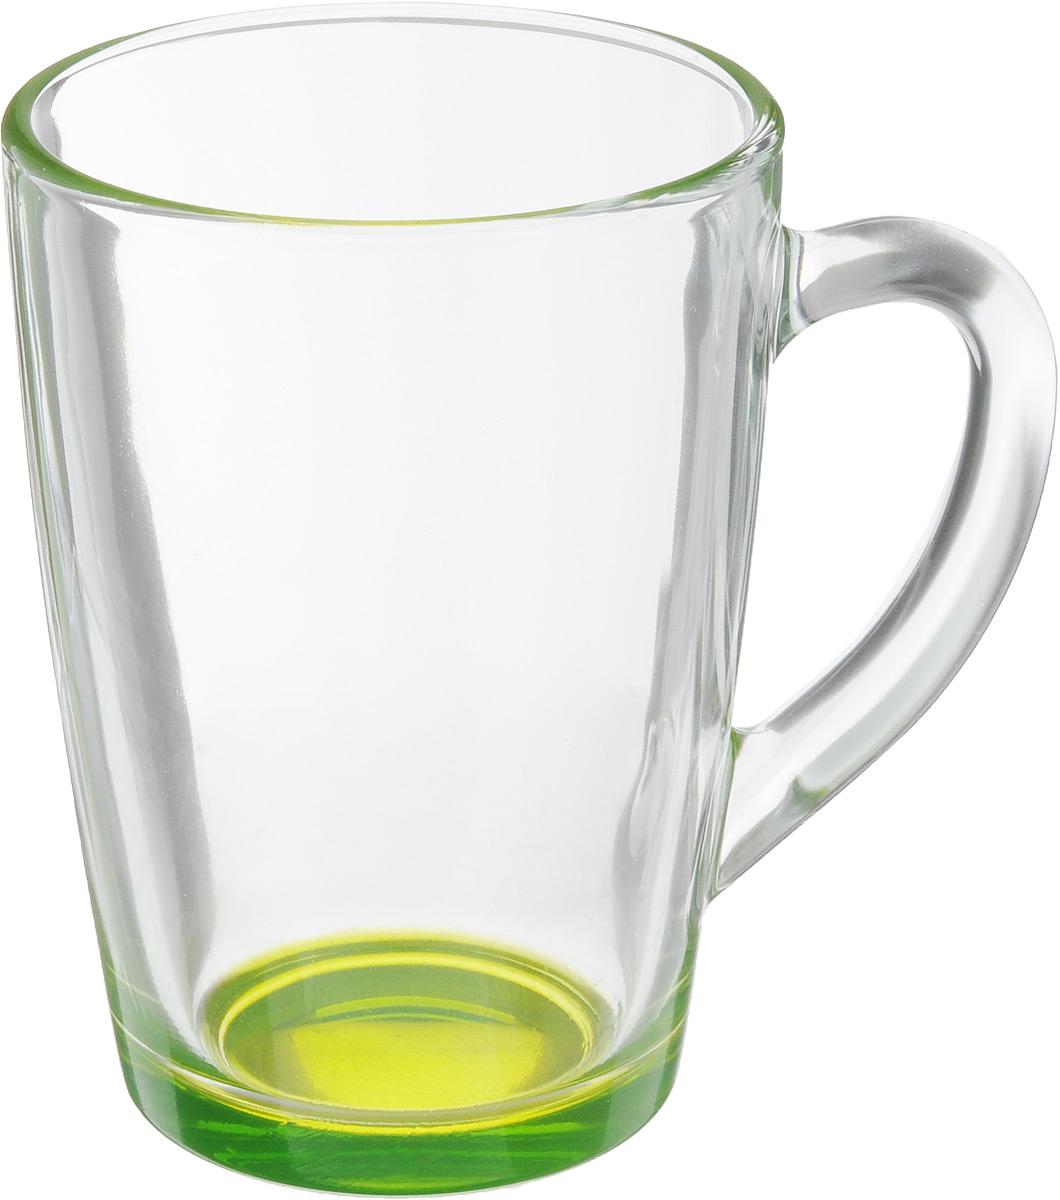 Кружка OSZ Капучино, цвет: прозрачный, салатовый, 300 мл. 07C1334LM07C1334LM_прозрачный, салатовыйКружка OSZ Капучино изготовлена из стекла двух цветов. Изделие идеально подходит для сервировки стола.Кружка не только украсит ваш кухонный стол, но и подчеркнет прекрасный вкус хозяйки. Диаметр кружки (по верхнему краю): 8 см. Высота кружки: 11 см. Объем кружки: 300 мл.